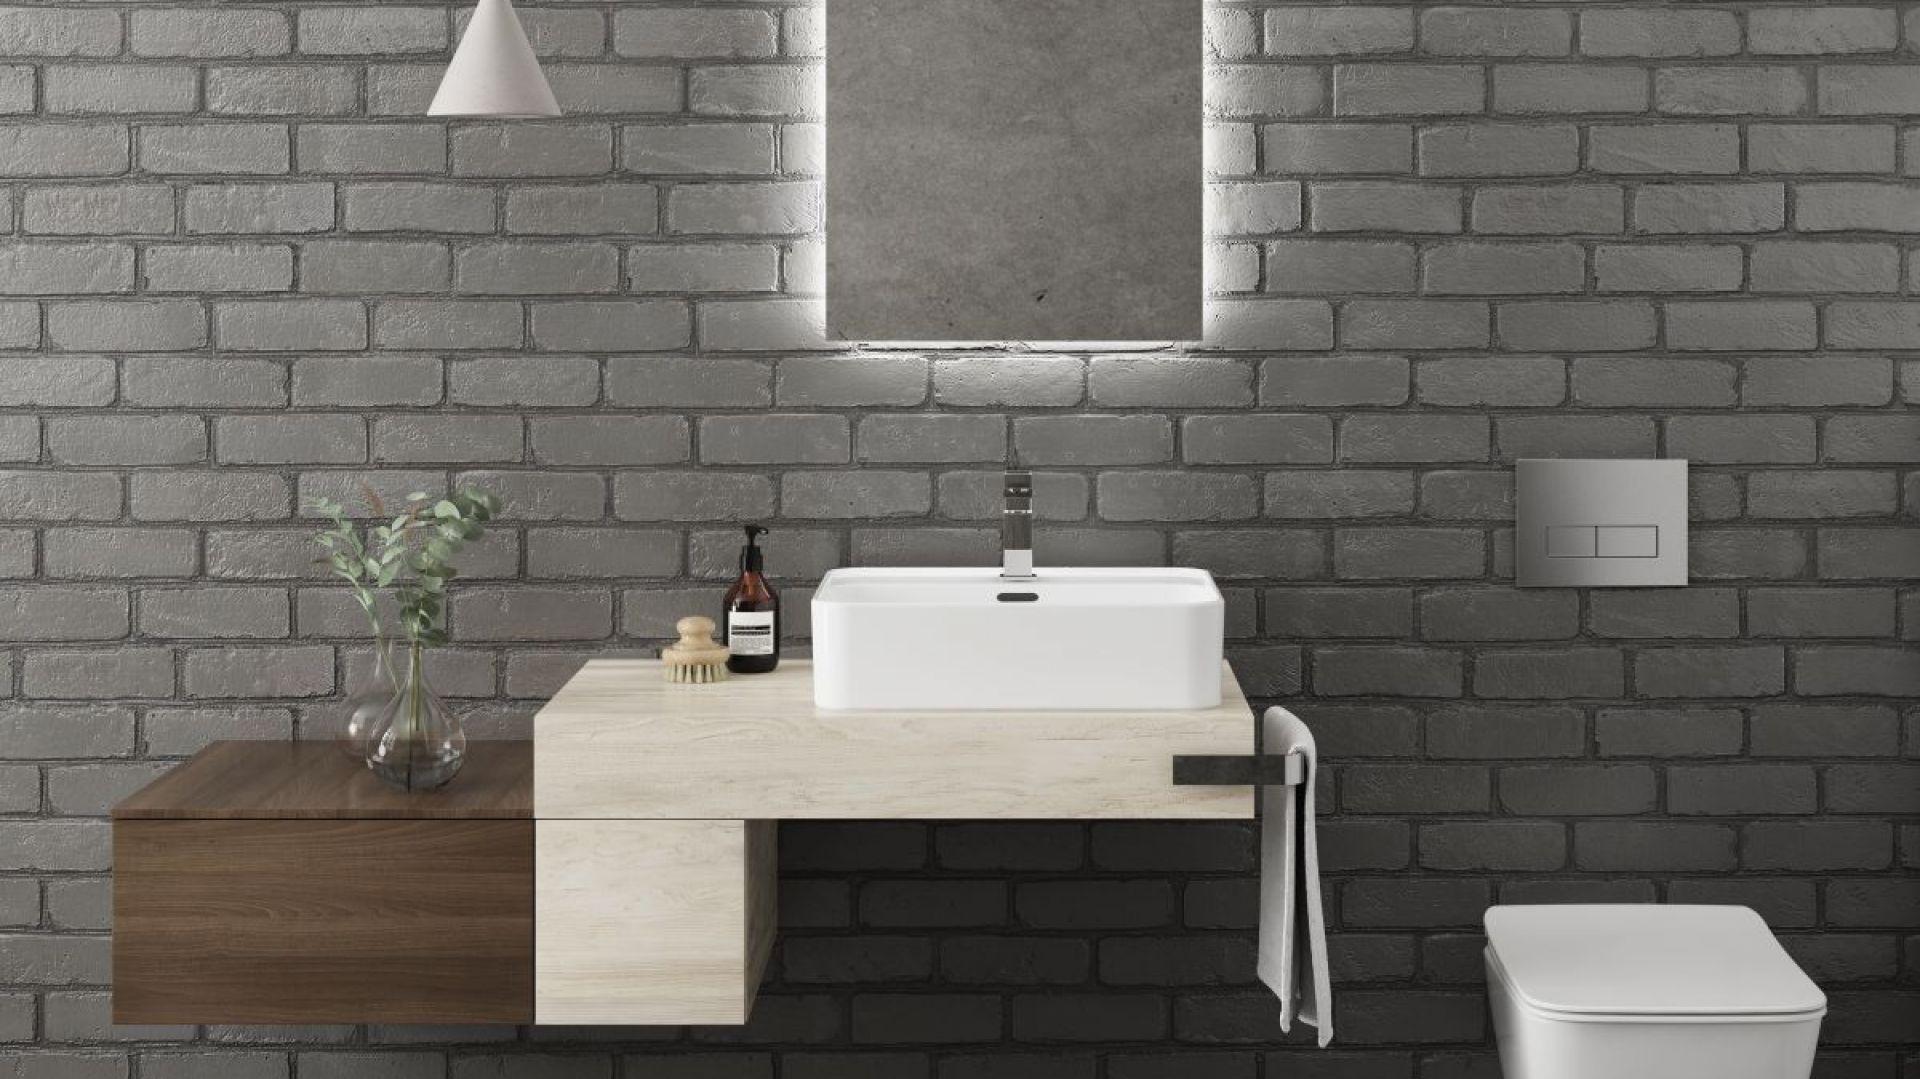 Meble Adapto - modułowa kolekcja do łazienki. Fot. Ideal Standard